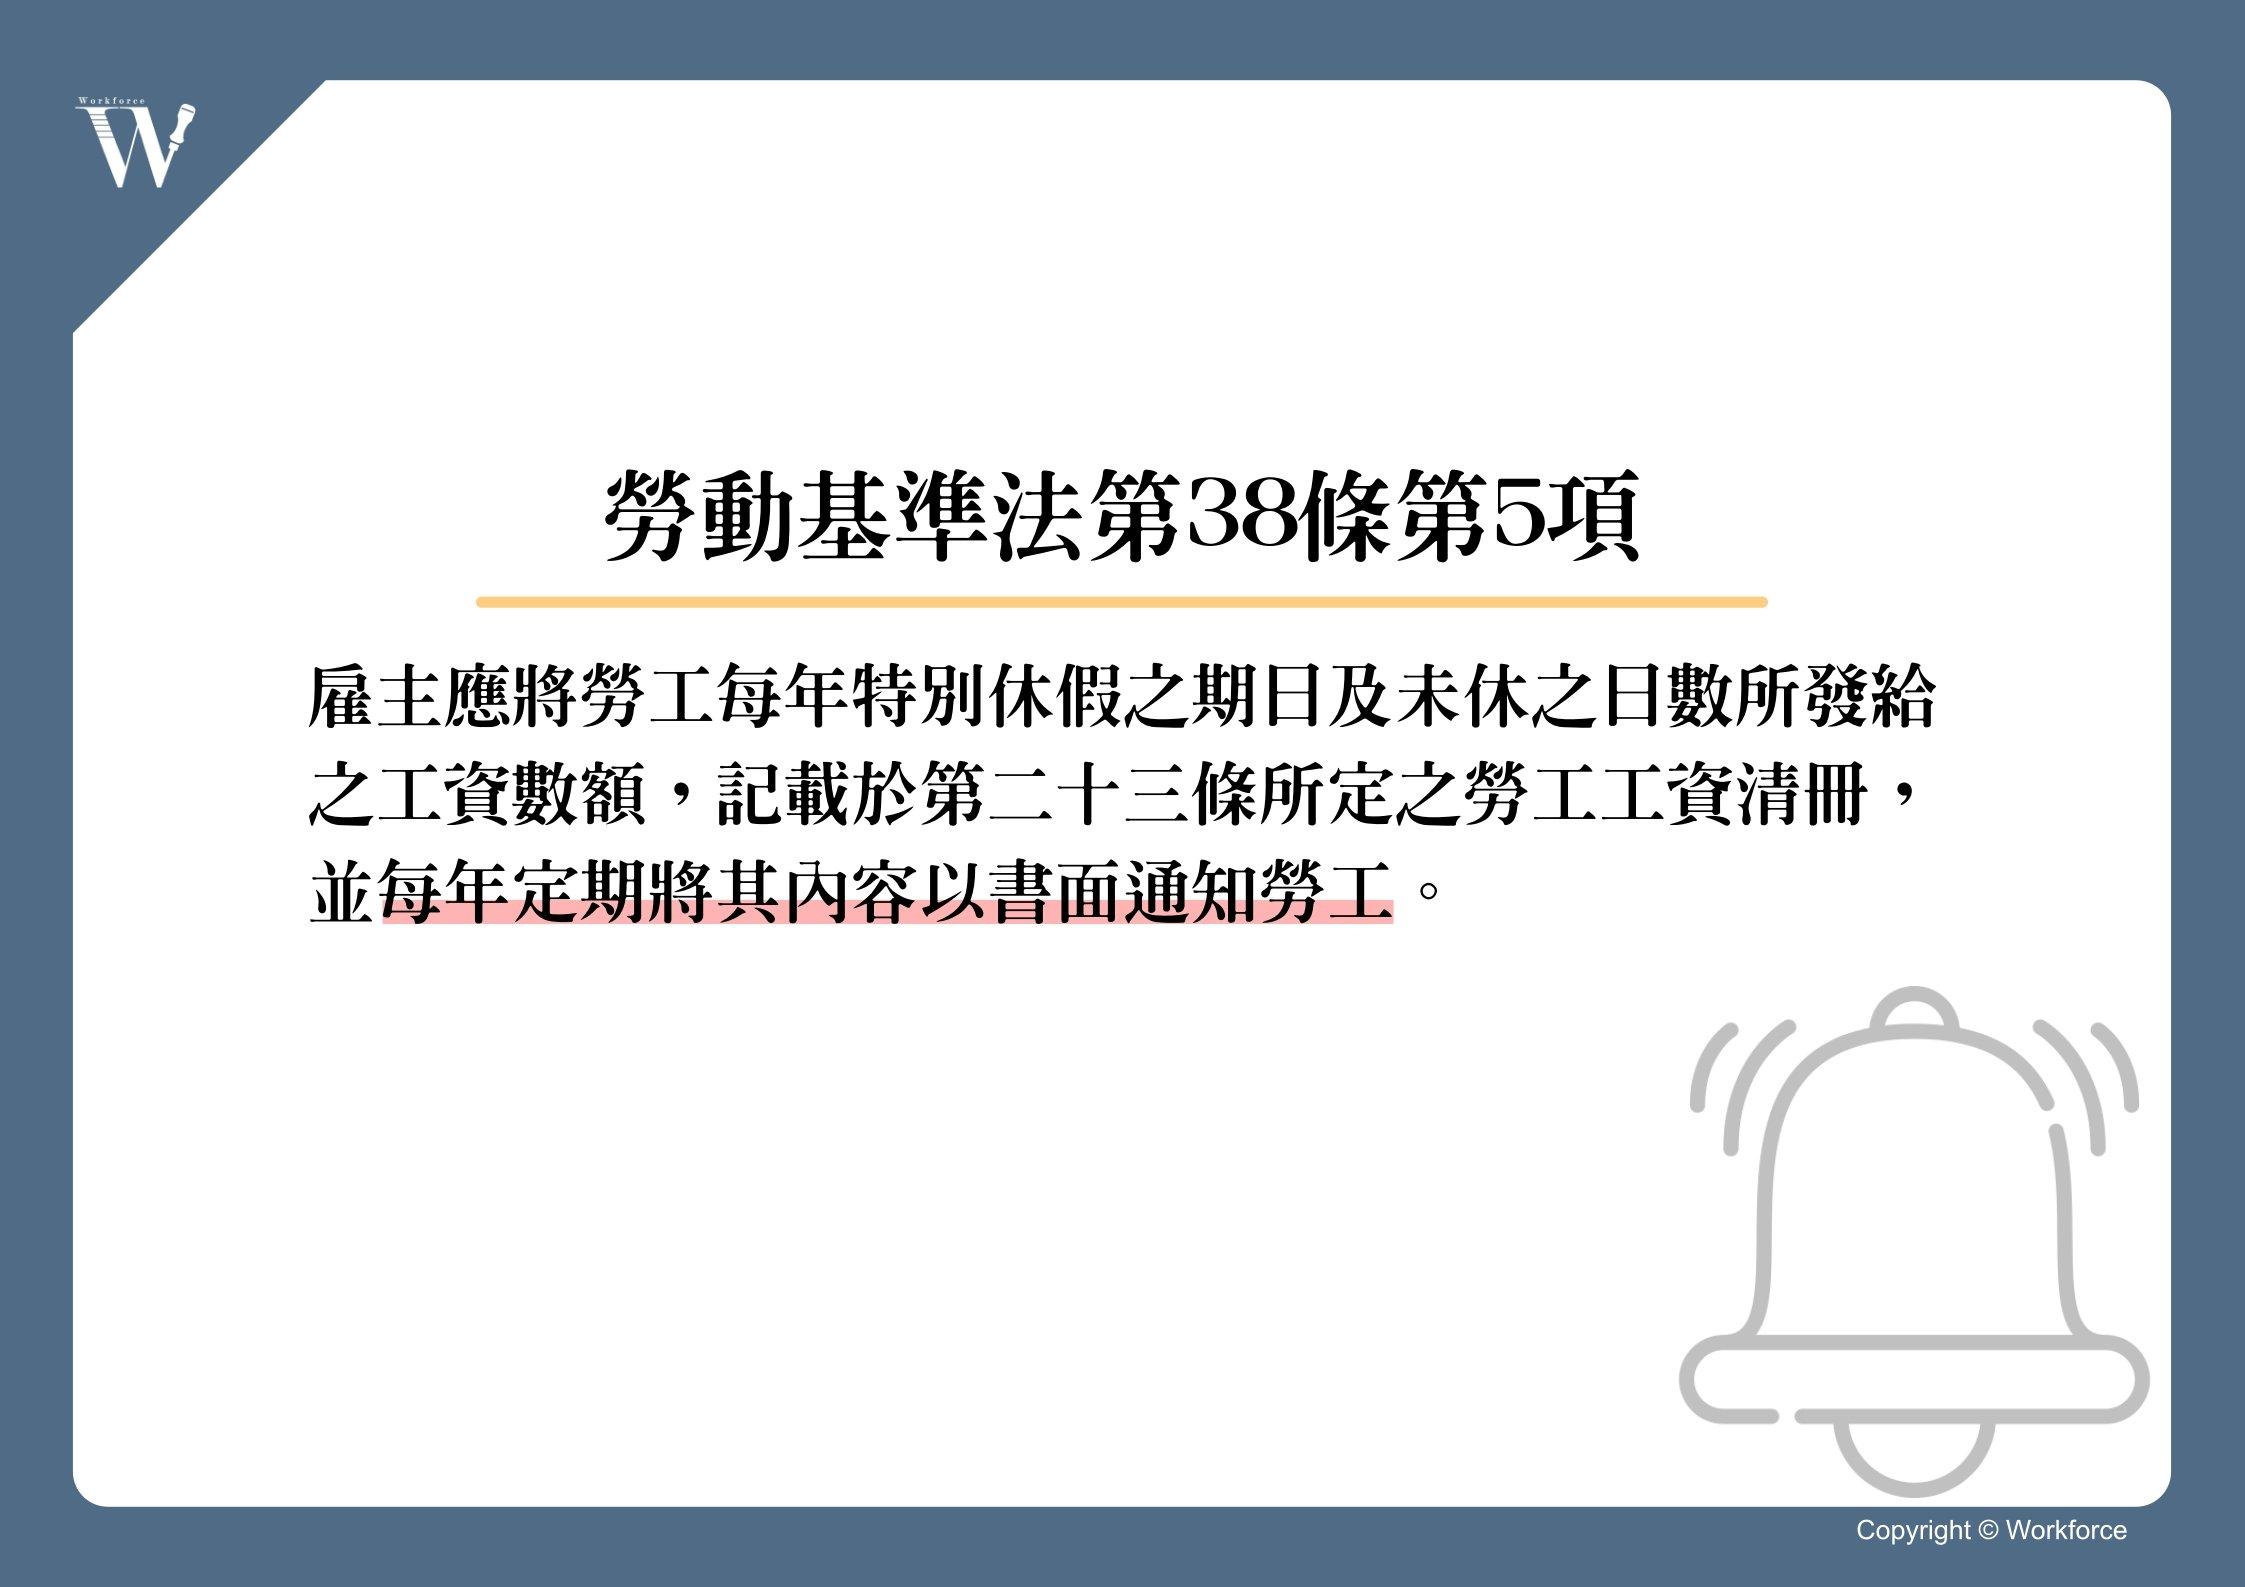 特別休假使用手冊 勞動基準法第38條第5項